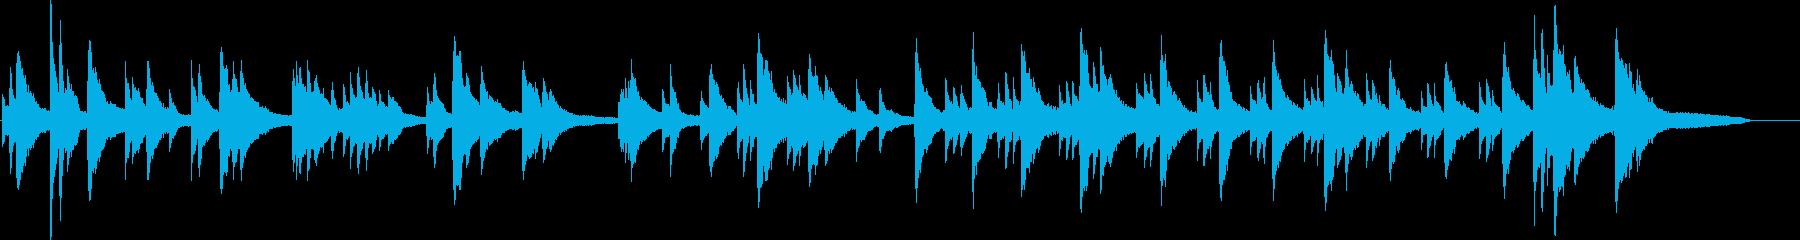 オリジナルのピアノソロの再生済みの波形